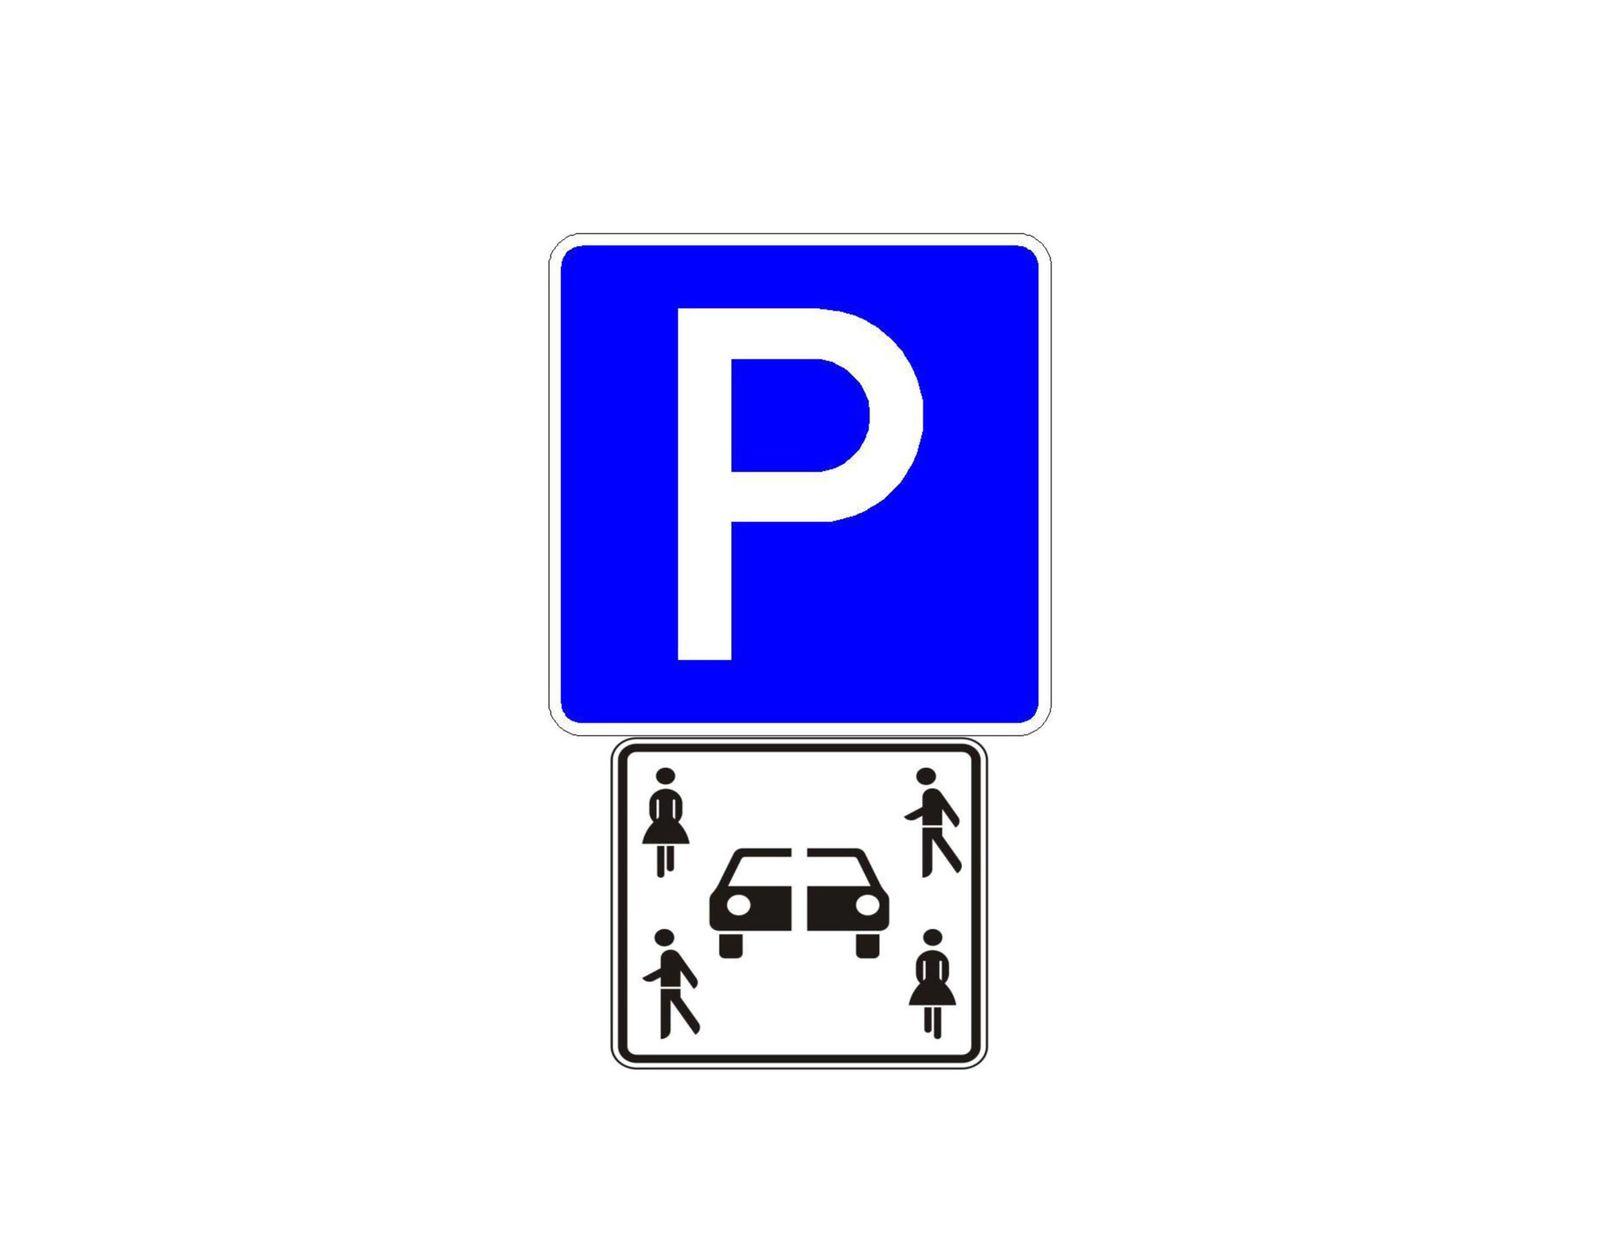 Verkehrszeichen / Carsharing